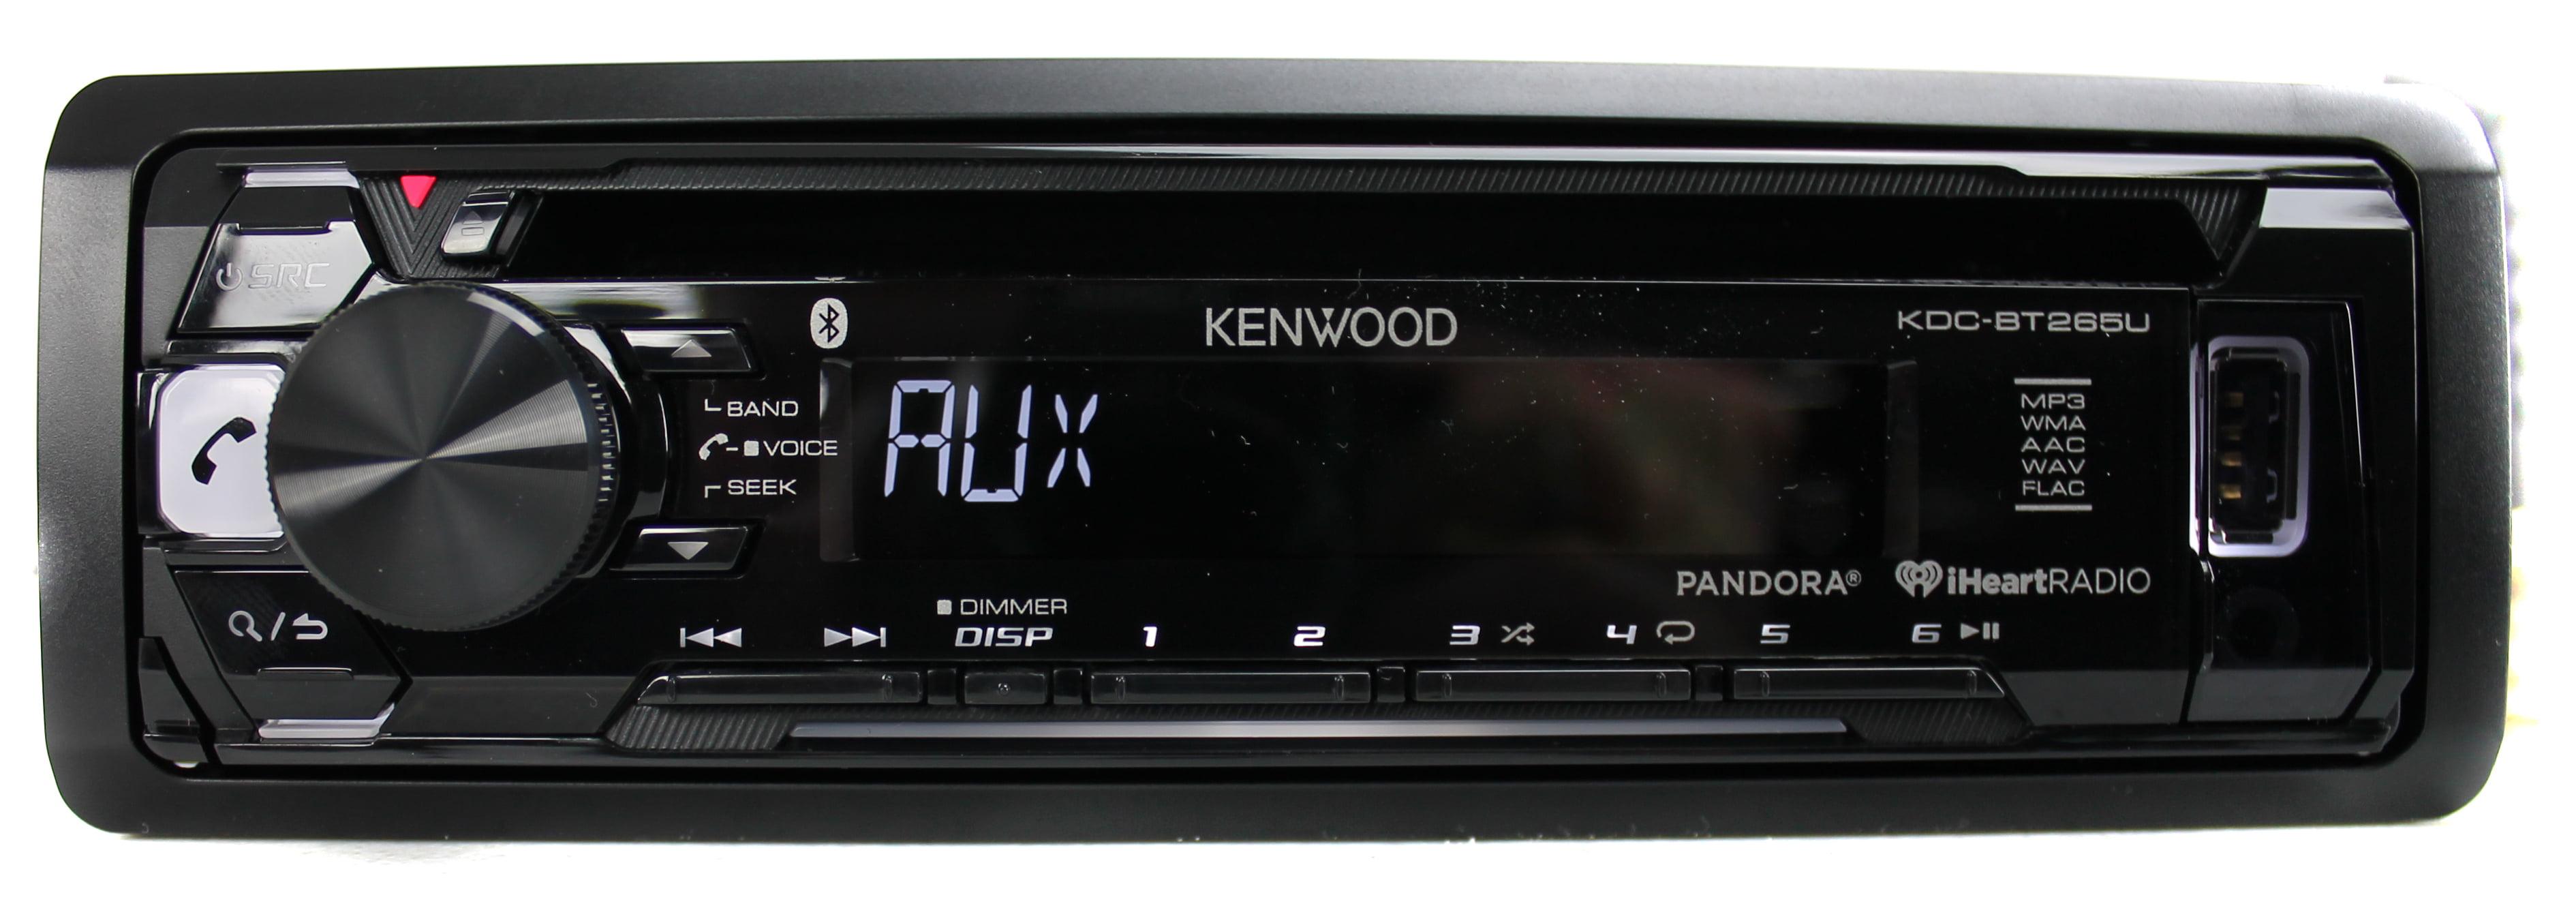 kenwood kdc bt265u bluetooth cd mp3 smartphone player car. Black Bedroom Furniture Sets. Home Design Ideas